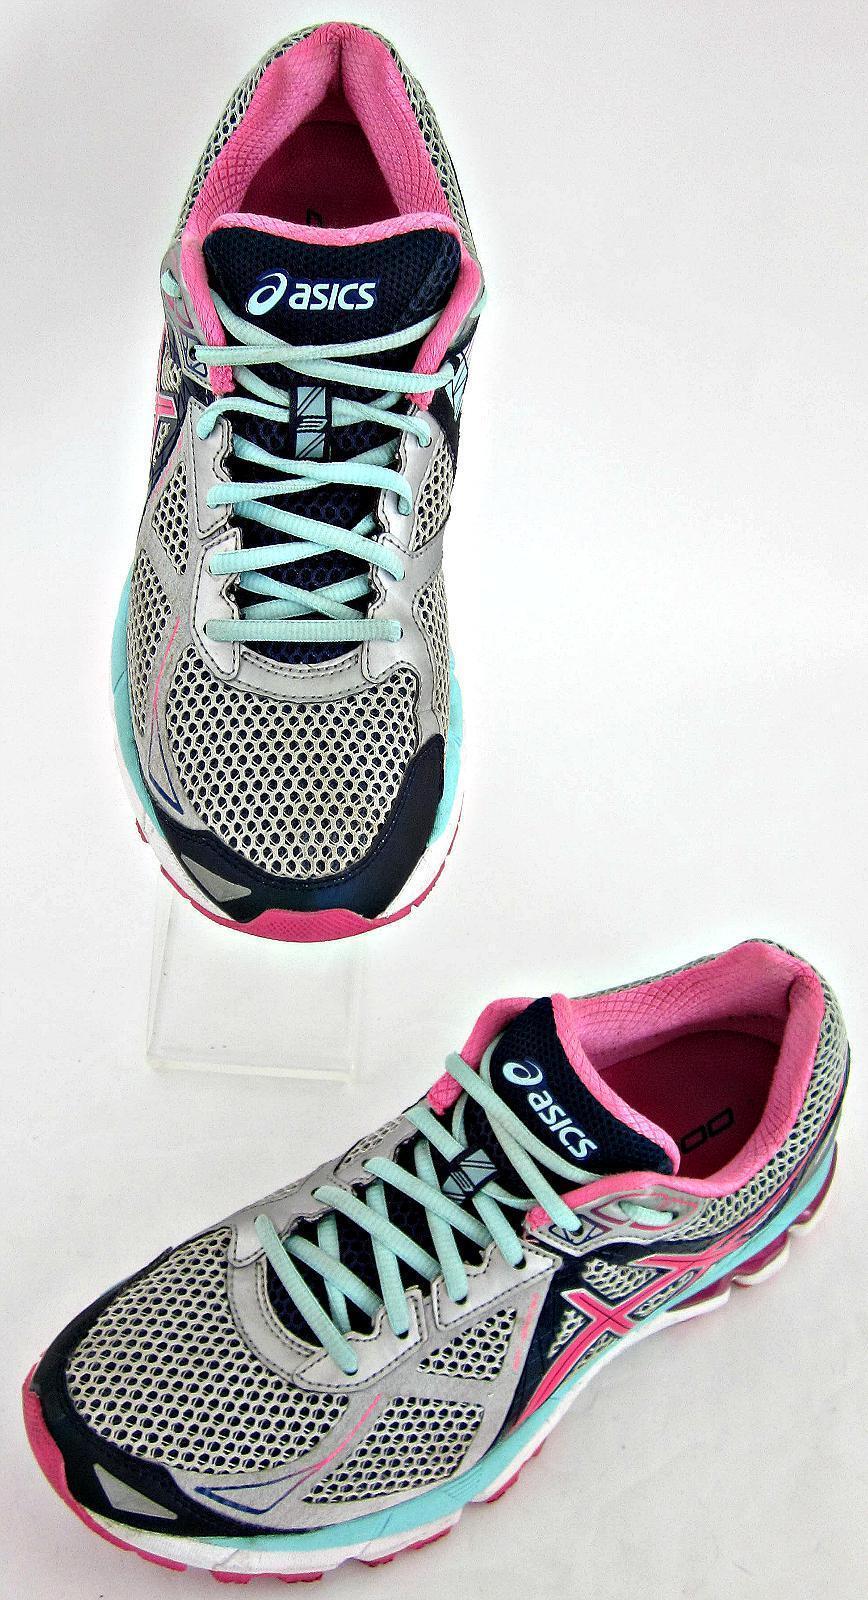 Asics GT-2000 3 Womens Running shoes Lightning Hot Pink Navy Sz 11